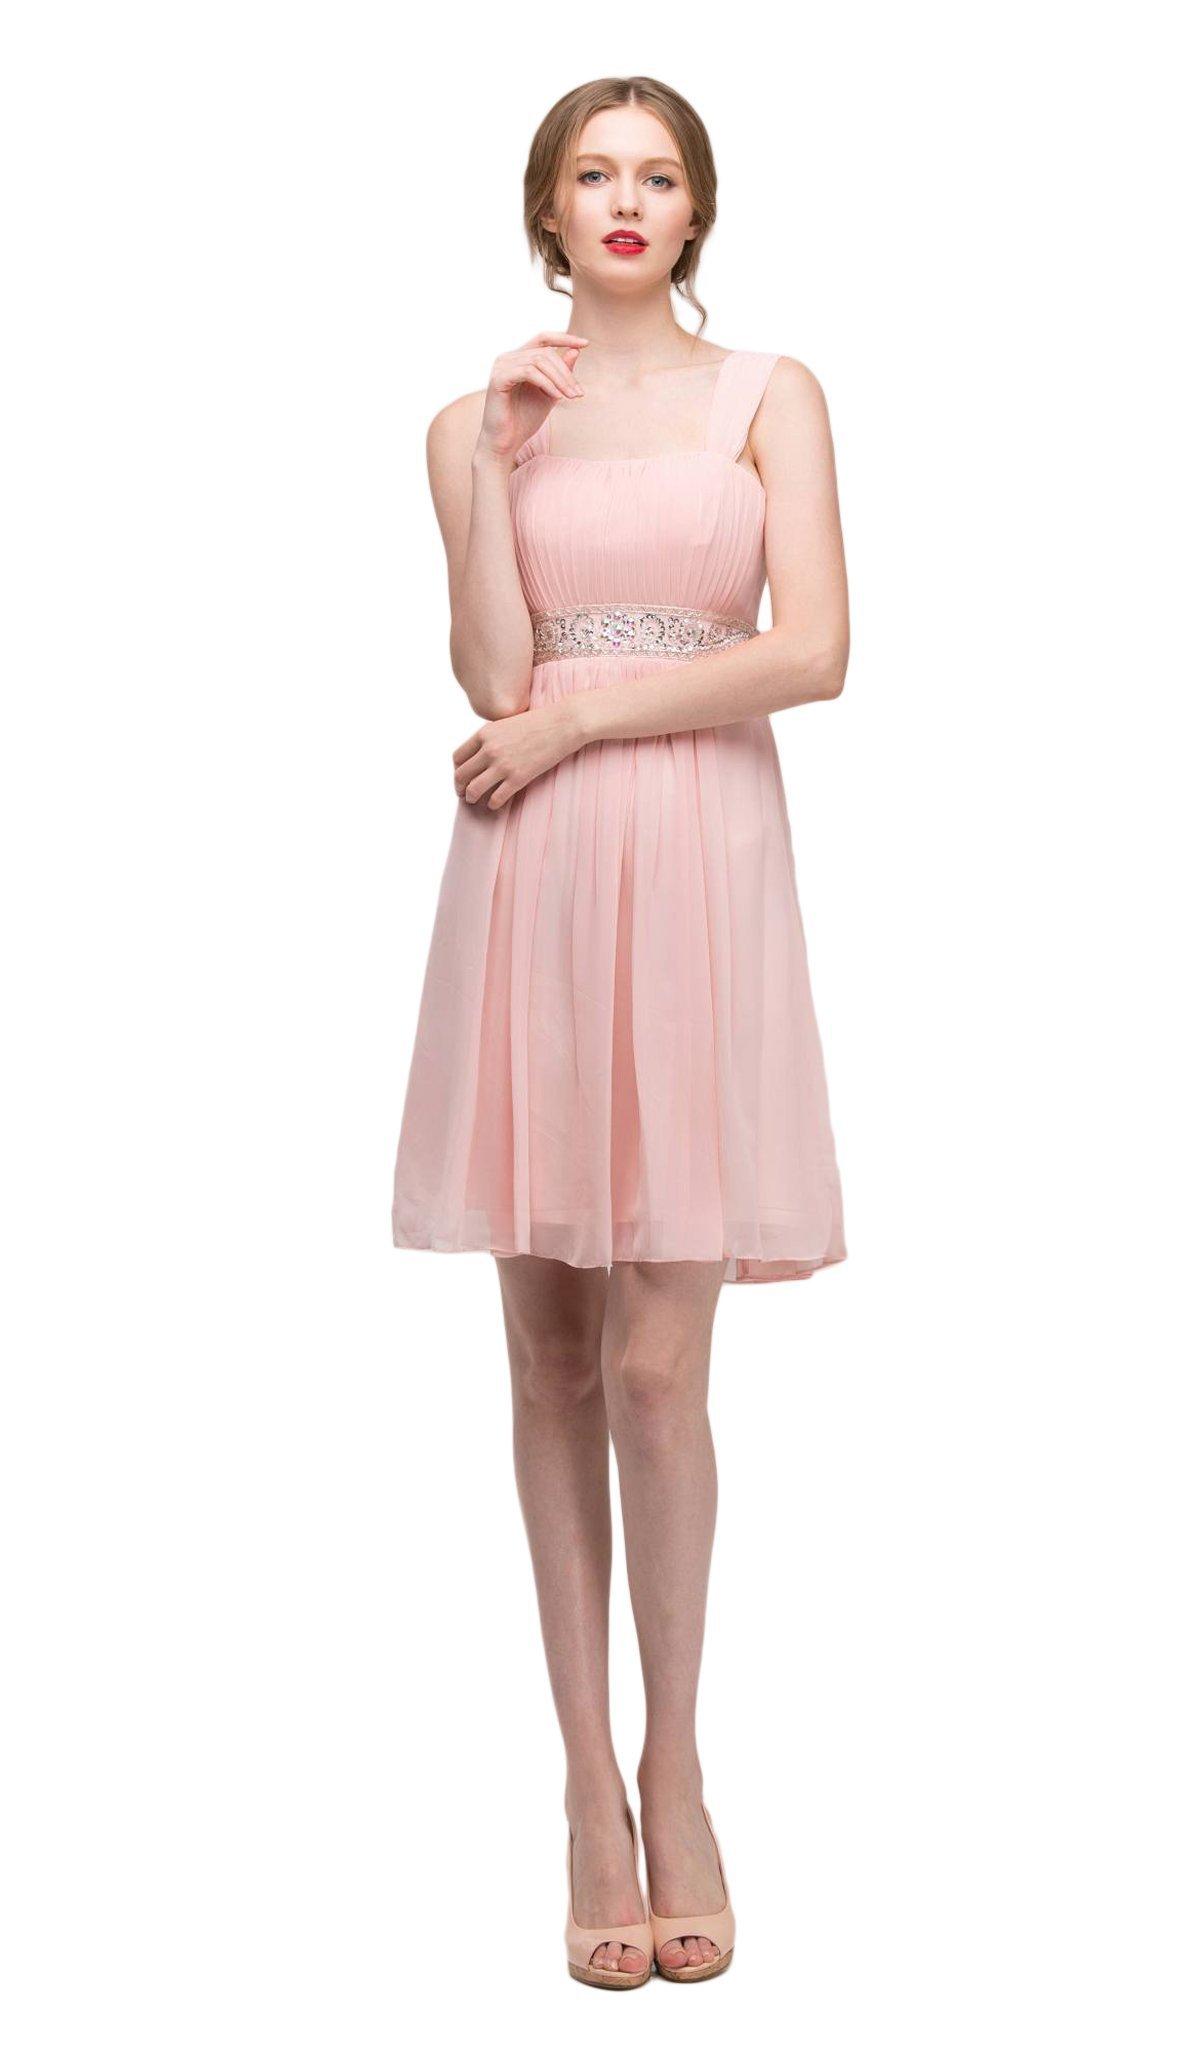 Eureka Fashion - 2450 Embellished Chiffon Knee Length A-line Dress